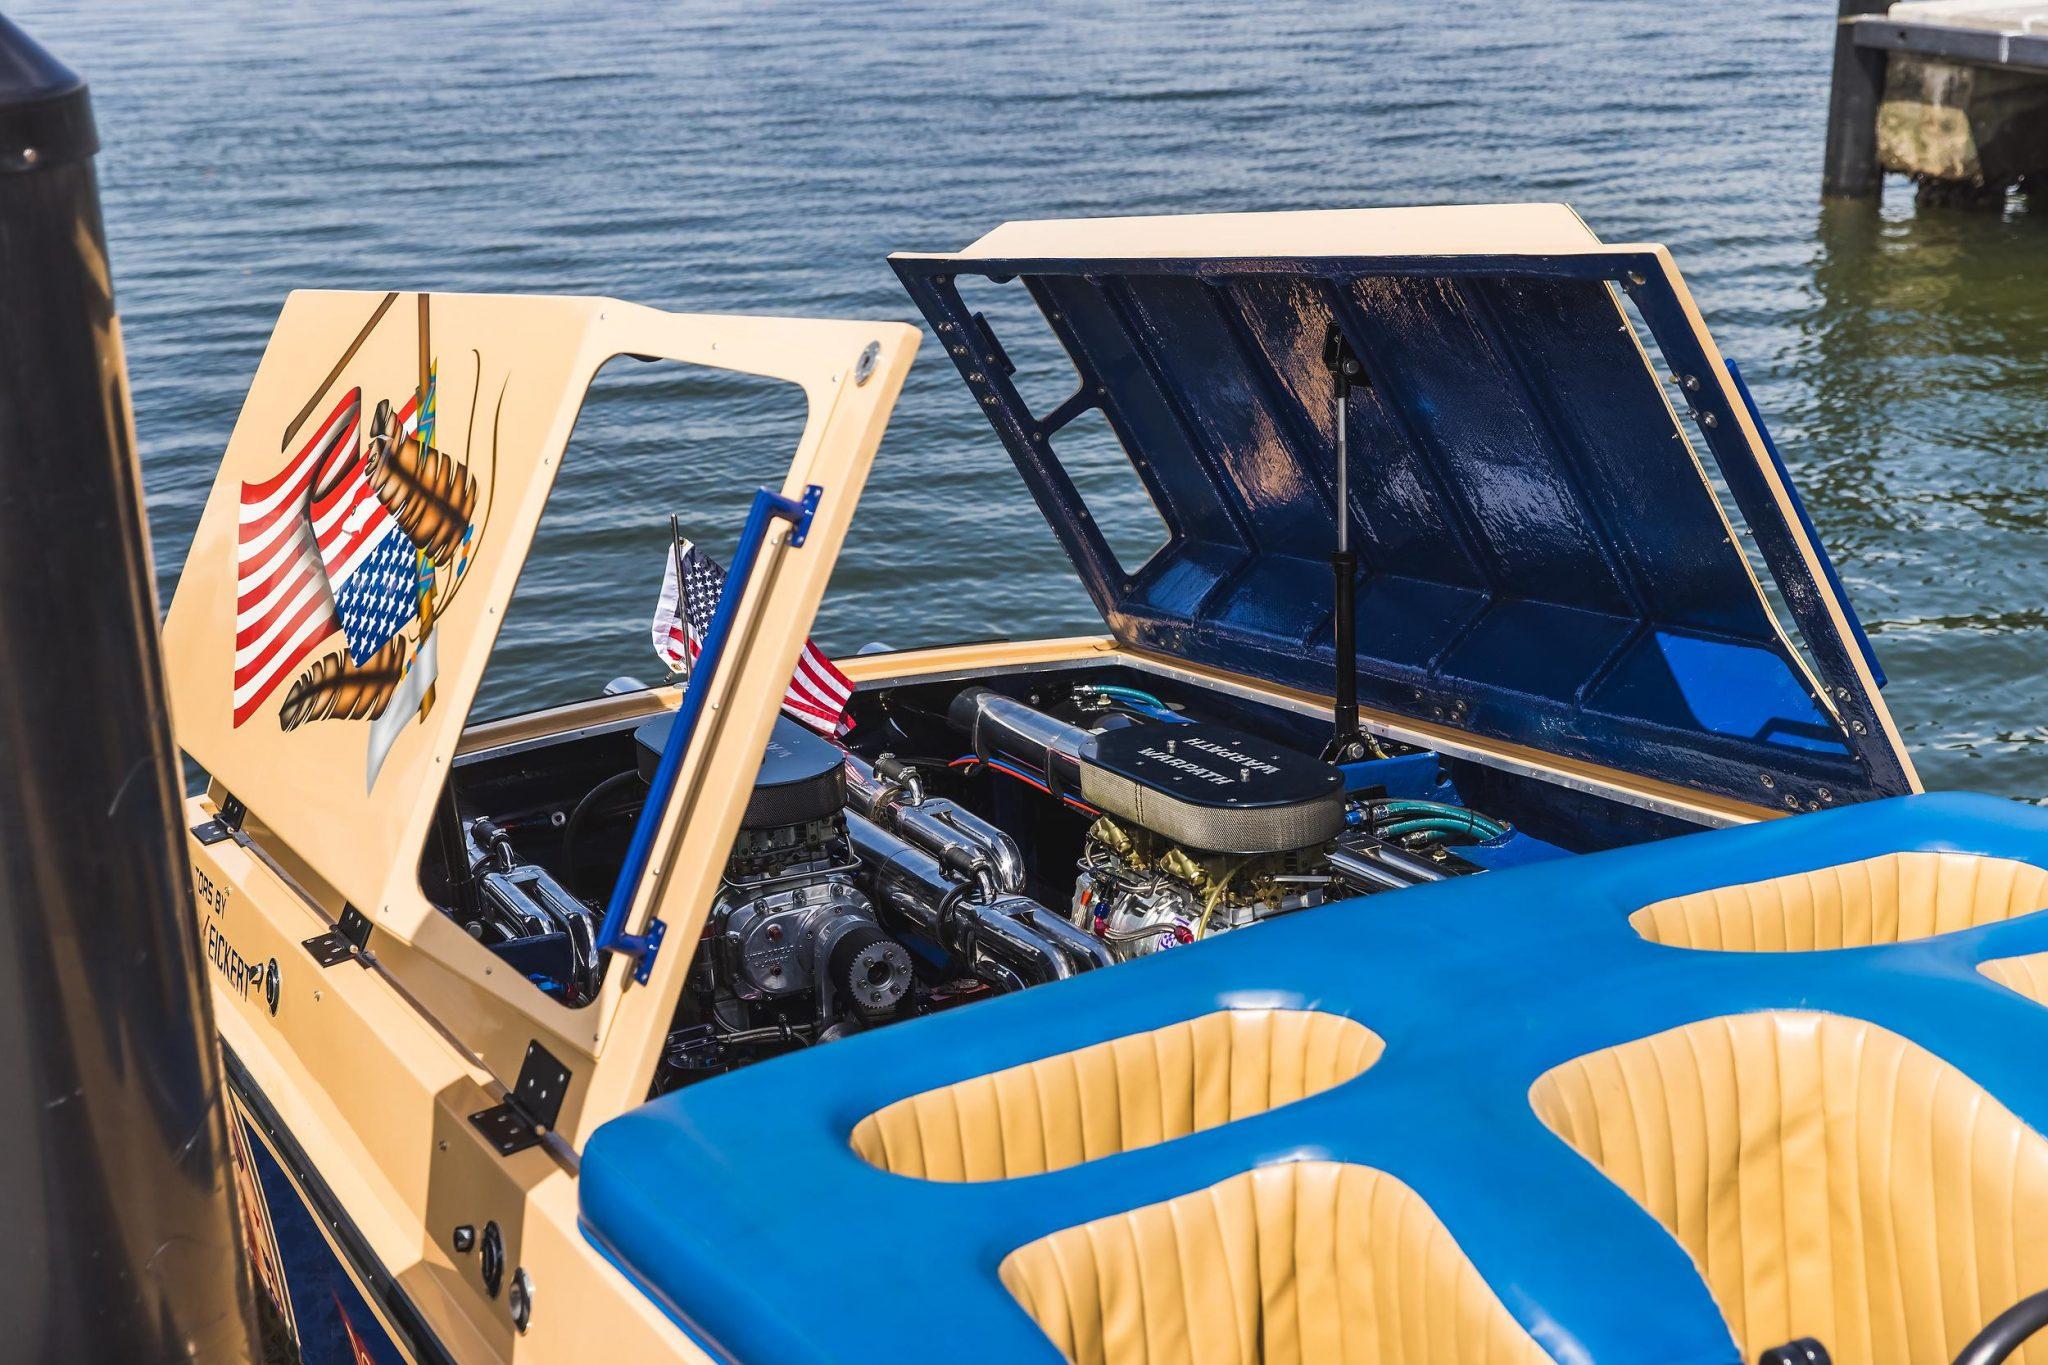 1984 Apache Offshore Powerboat Warpath engine bay